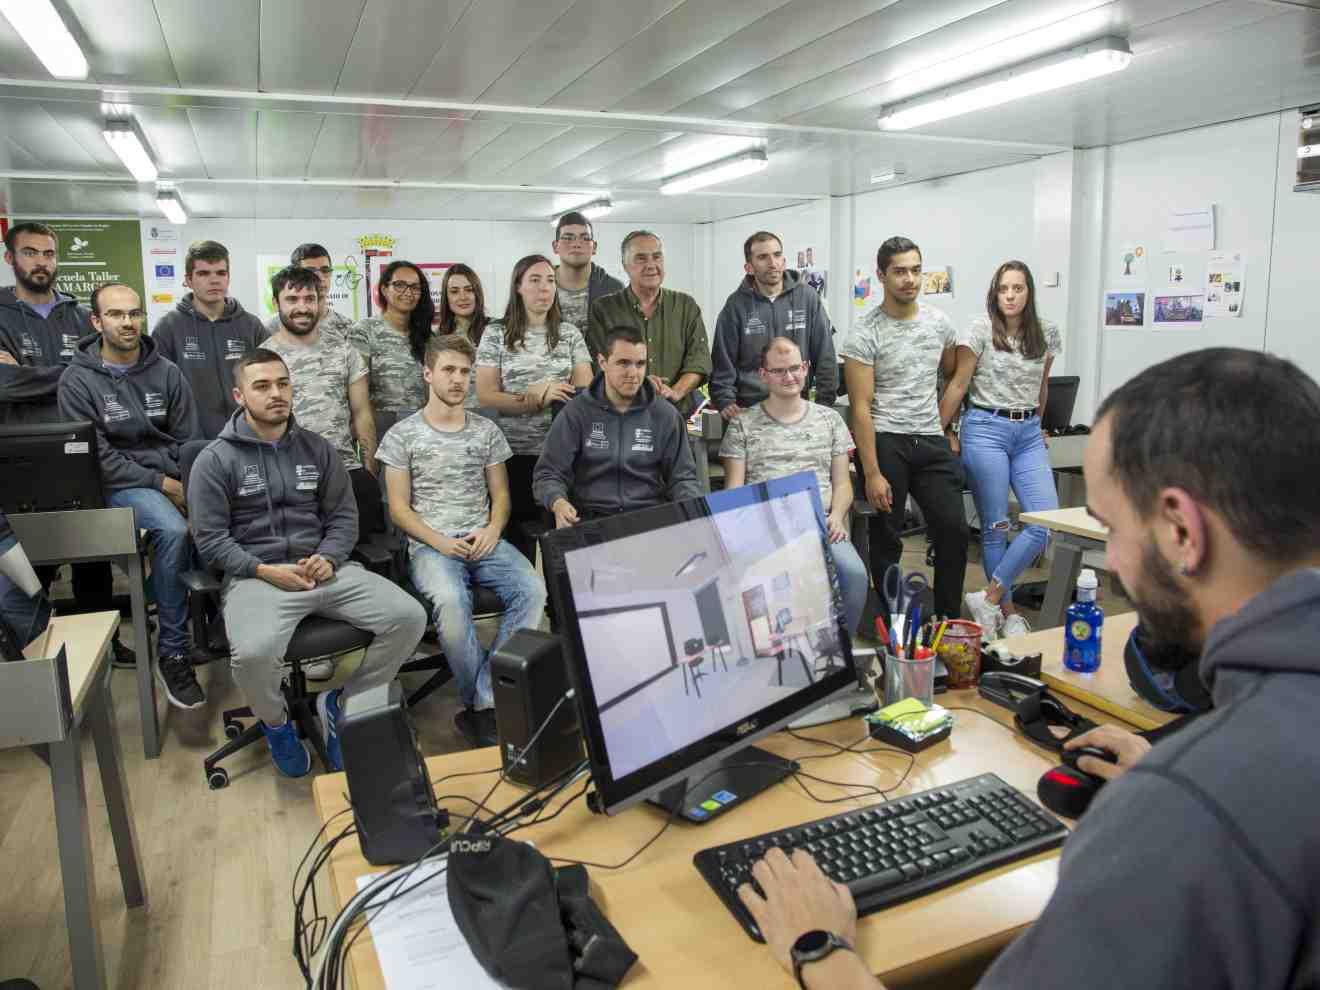 Alumnos de la Escuela Taller Camargo X se forman en la creación de entornos virtuales